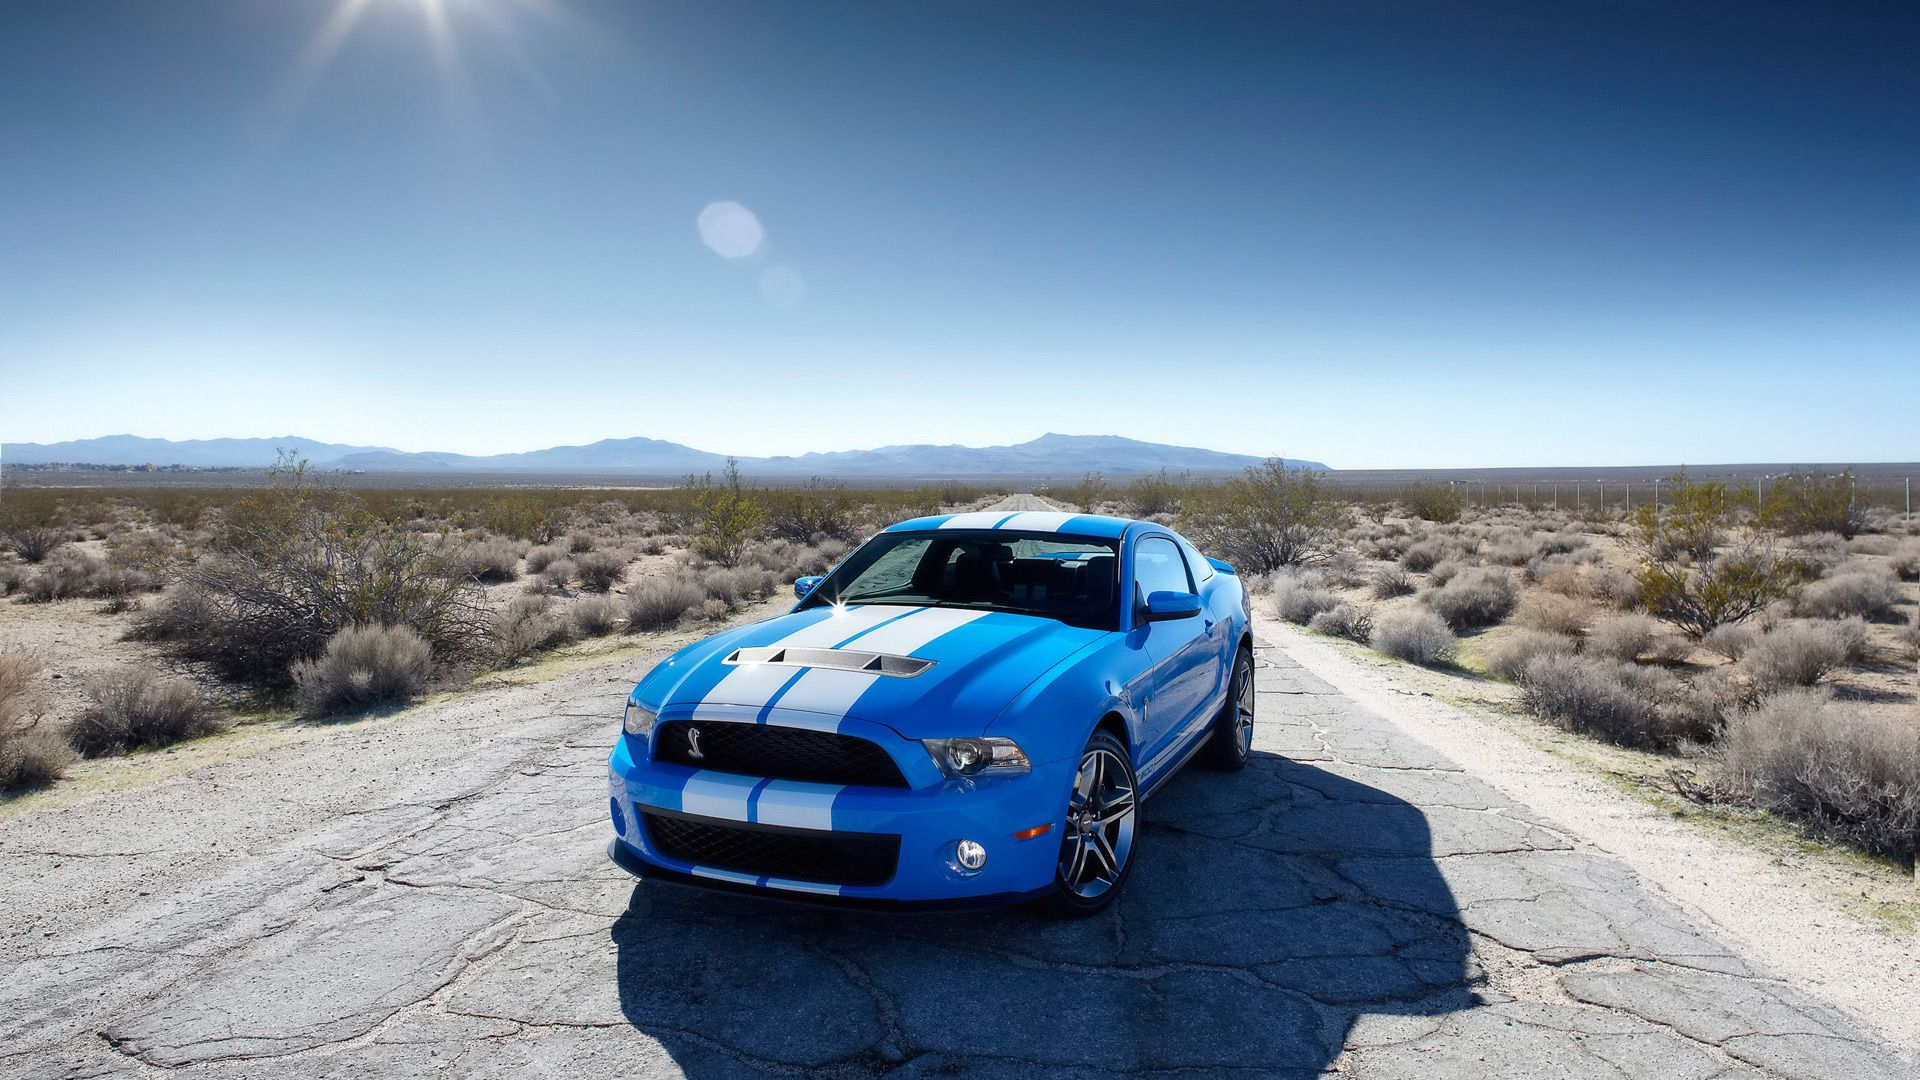 Mustang Primeiro Carro Ford Carros